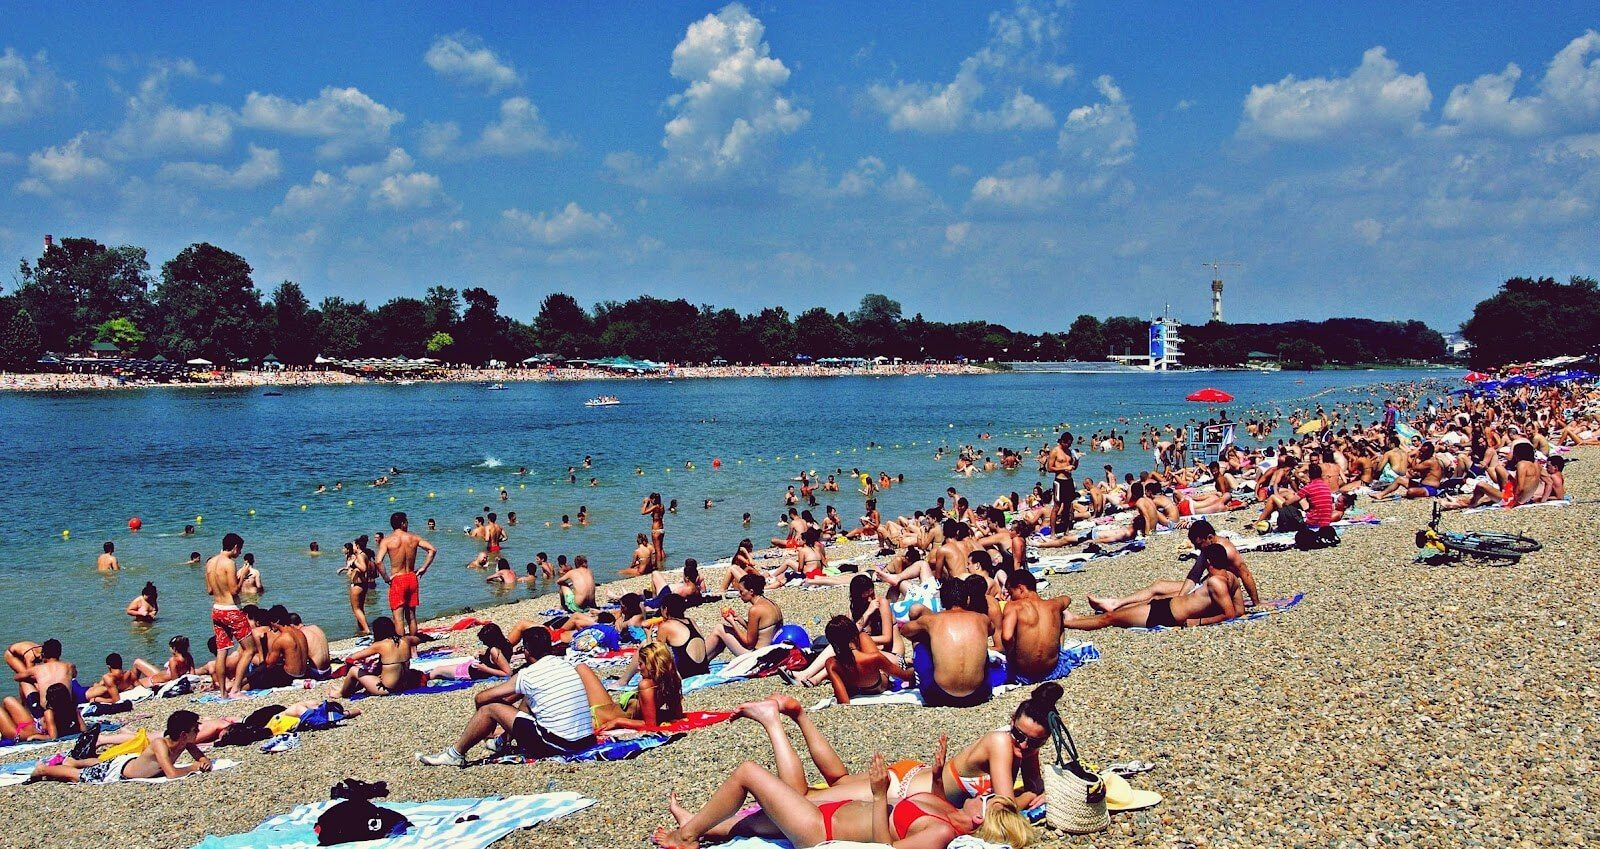 Summer is the best time to visit Belgrade. iBikeBelgrade.